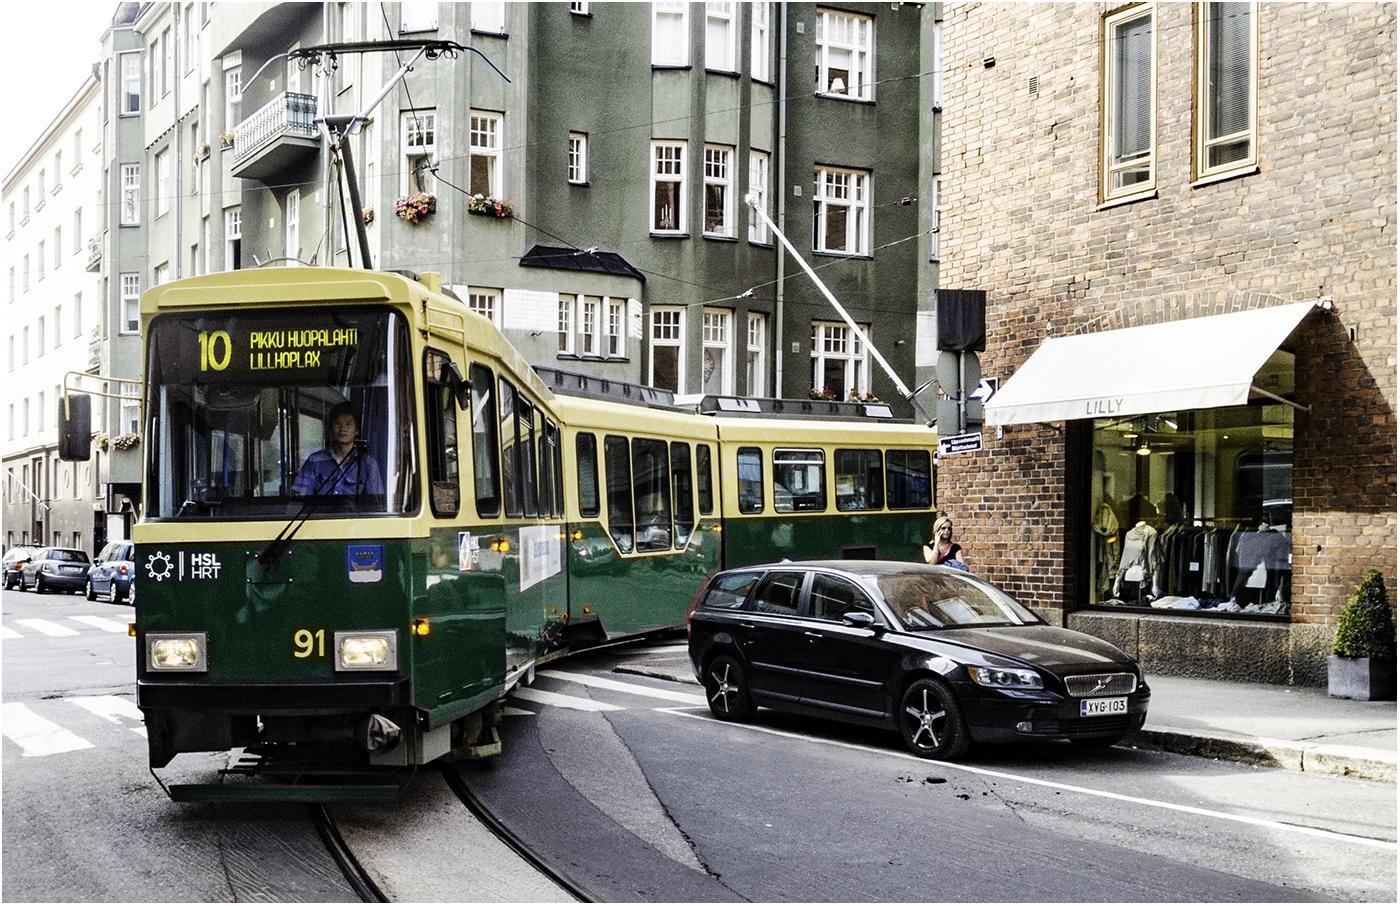 Хельсинки - единственный город в Финляндии,где ходят трамваи